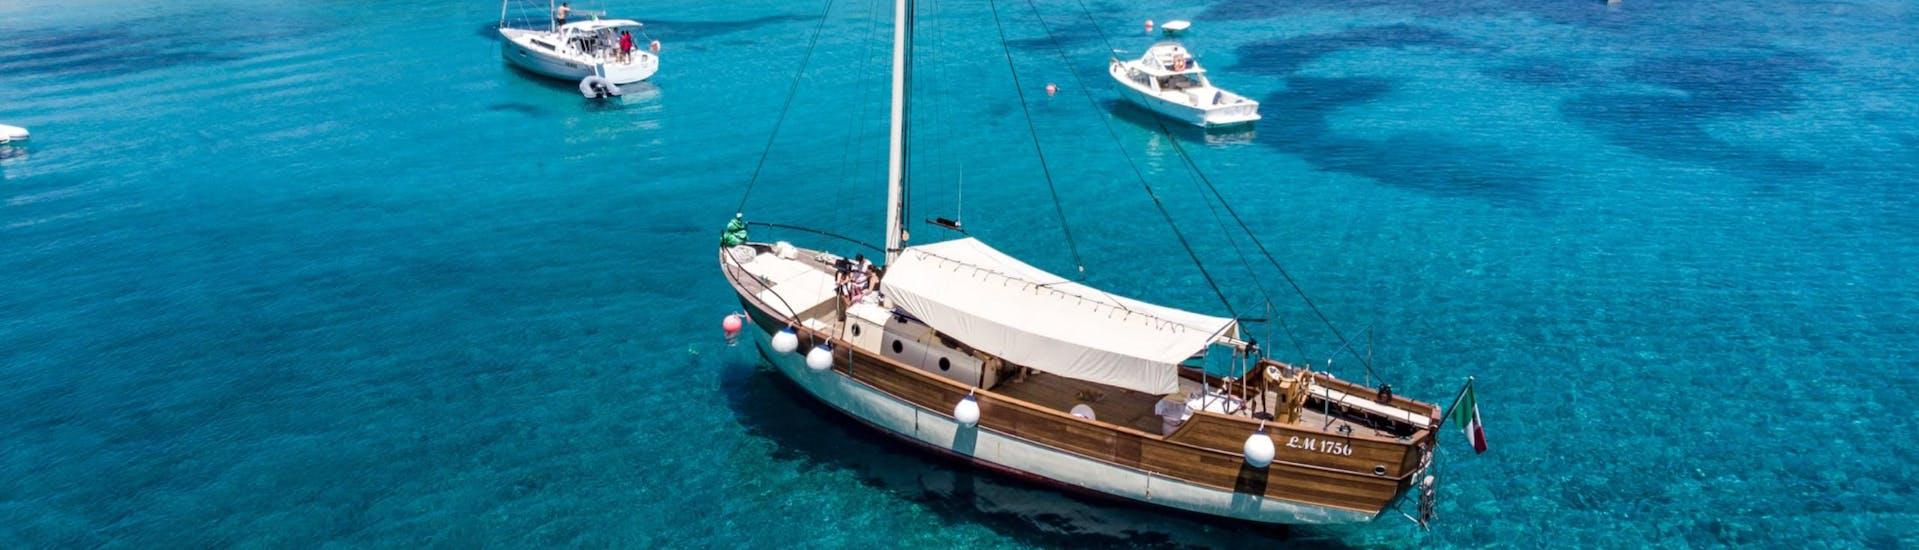 semi-private-sailing-boat-trip-to-la-maddalena-low-season-maggior-leggero-tour-hero1